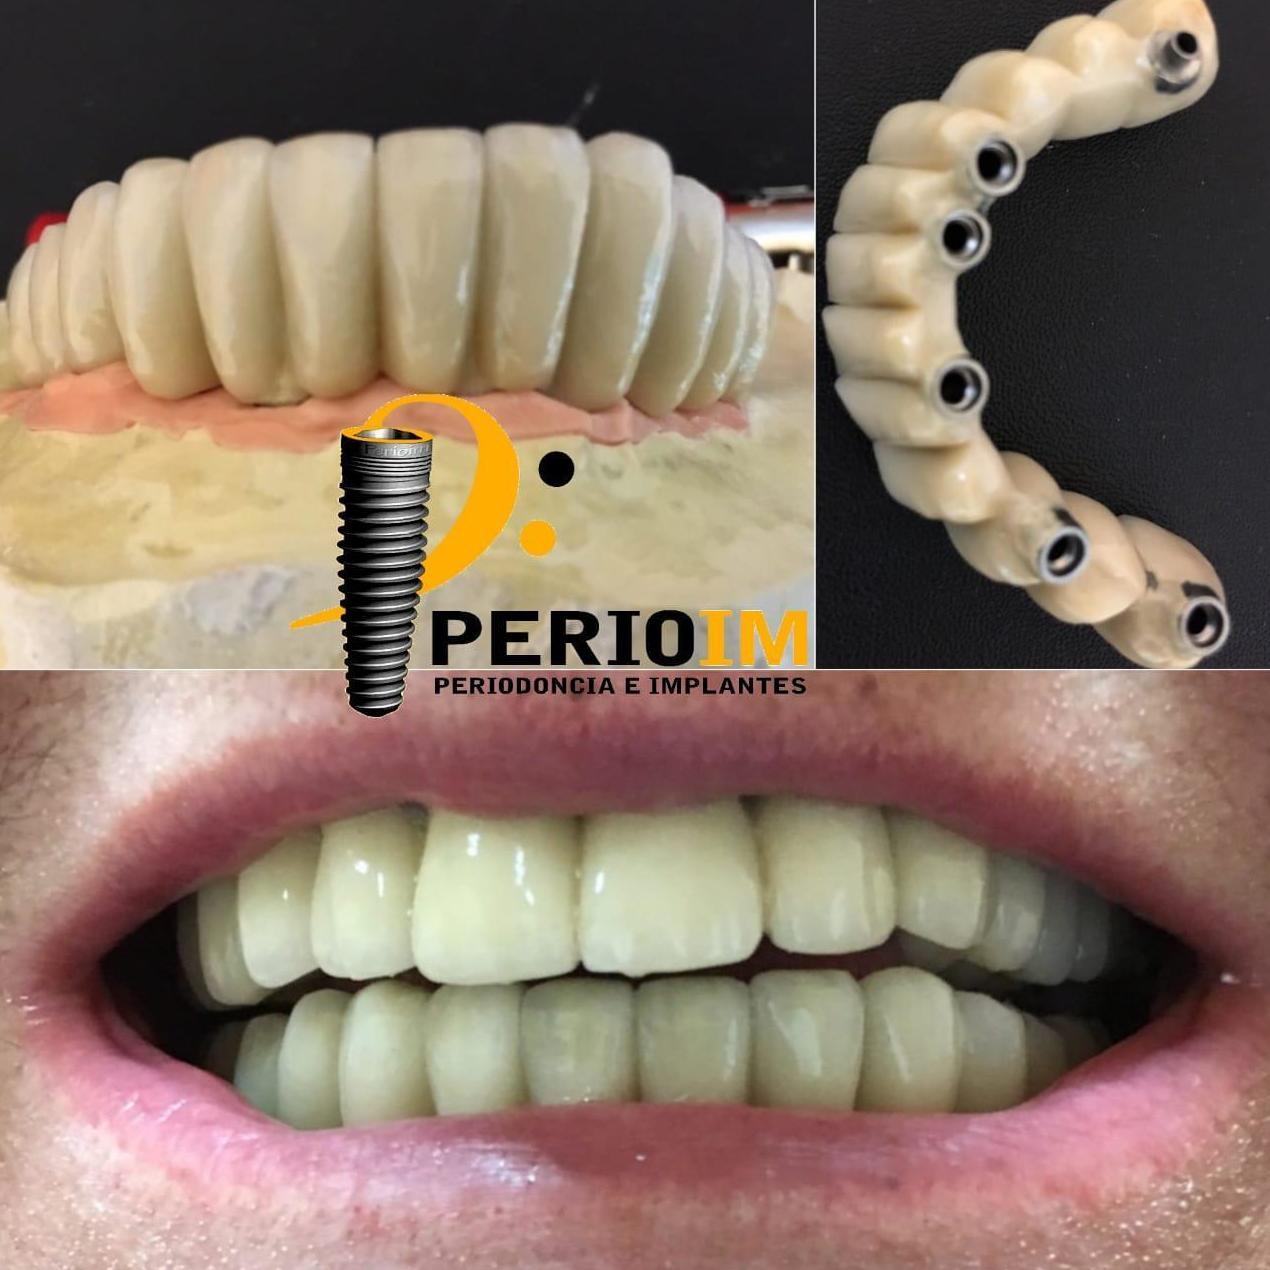 Puente metal cerámico sobre 6 implantes